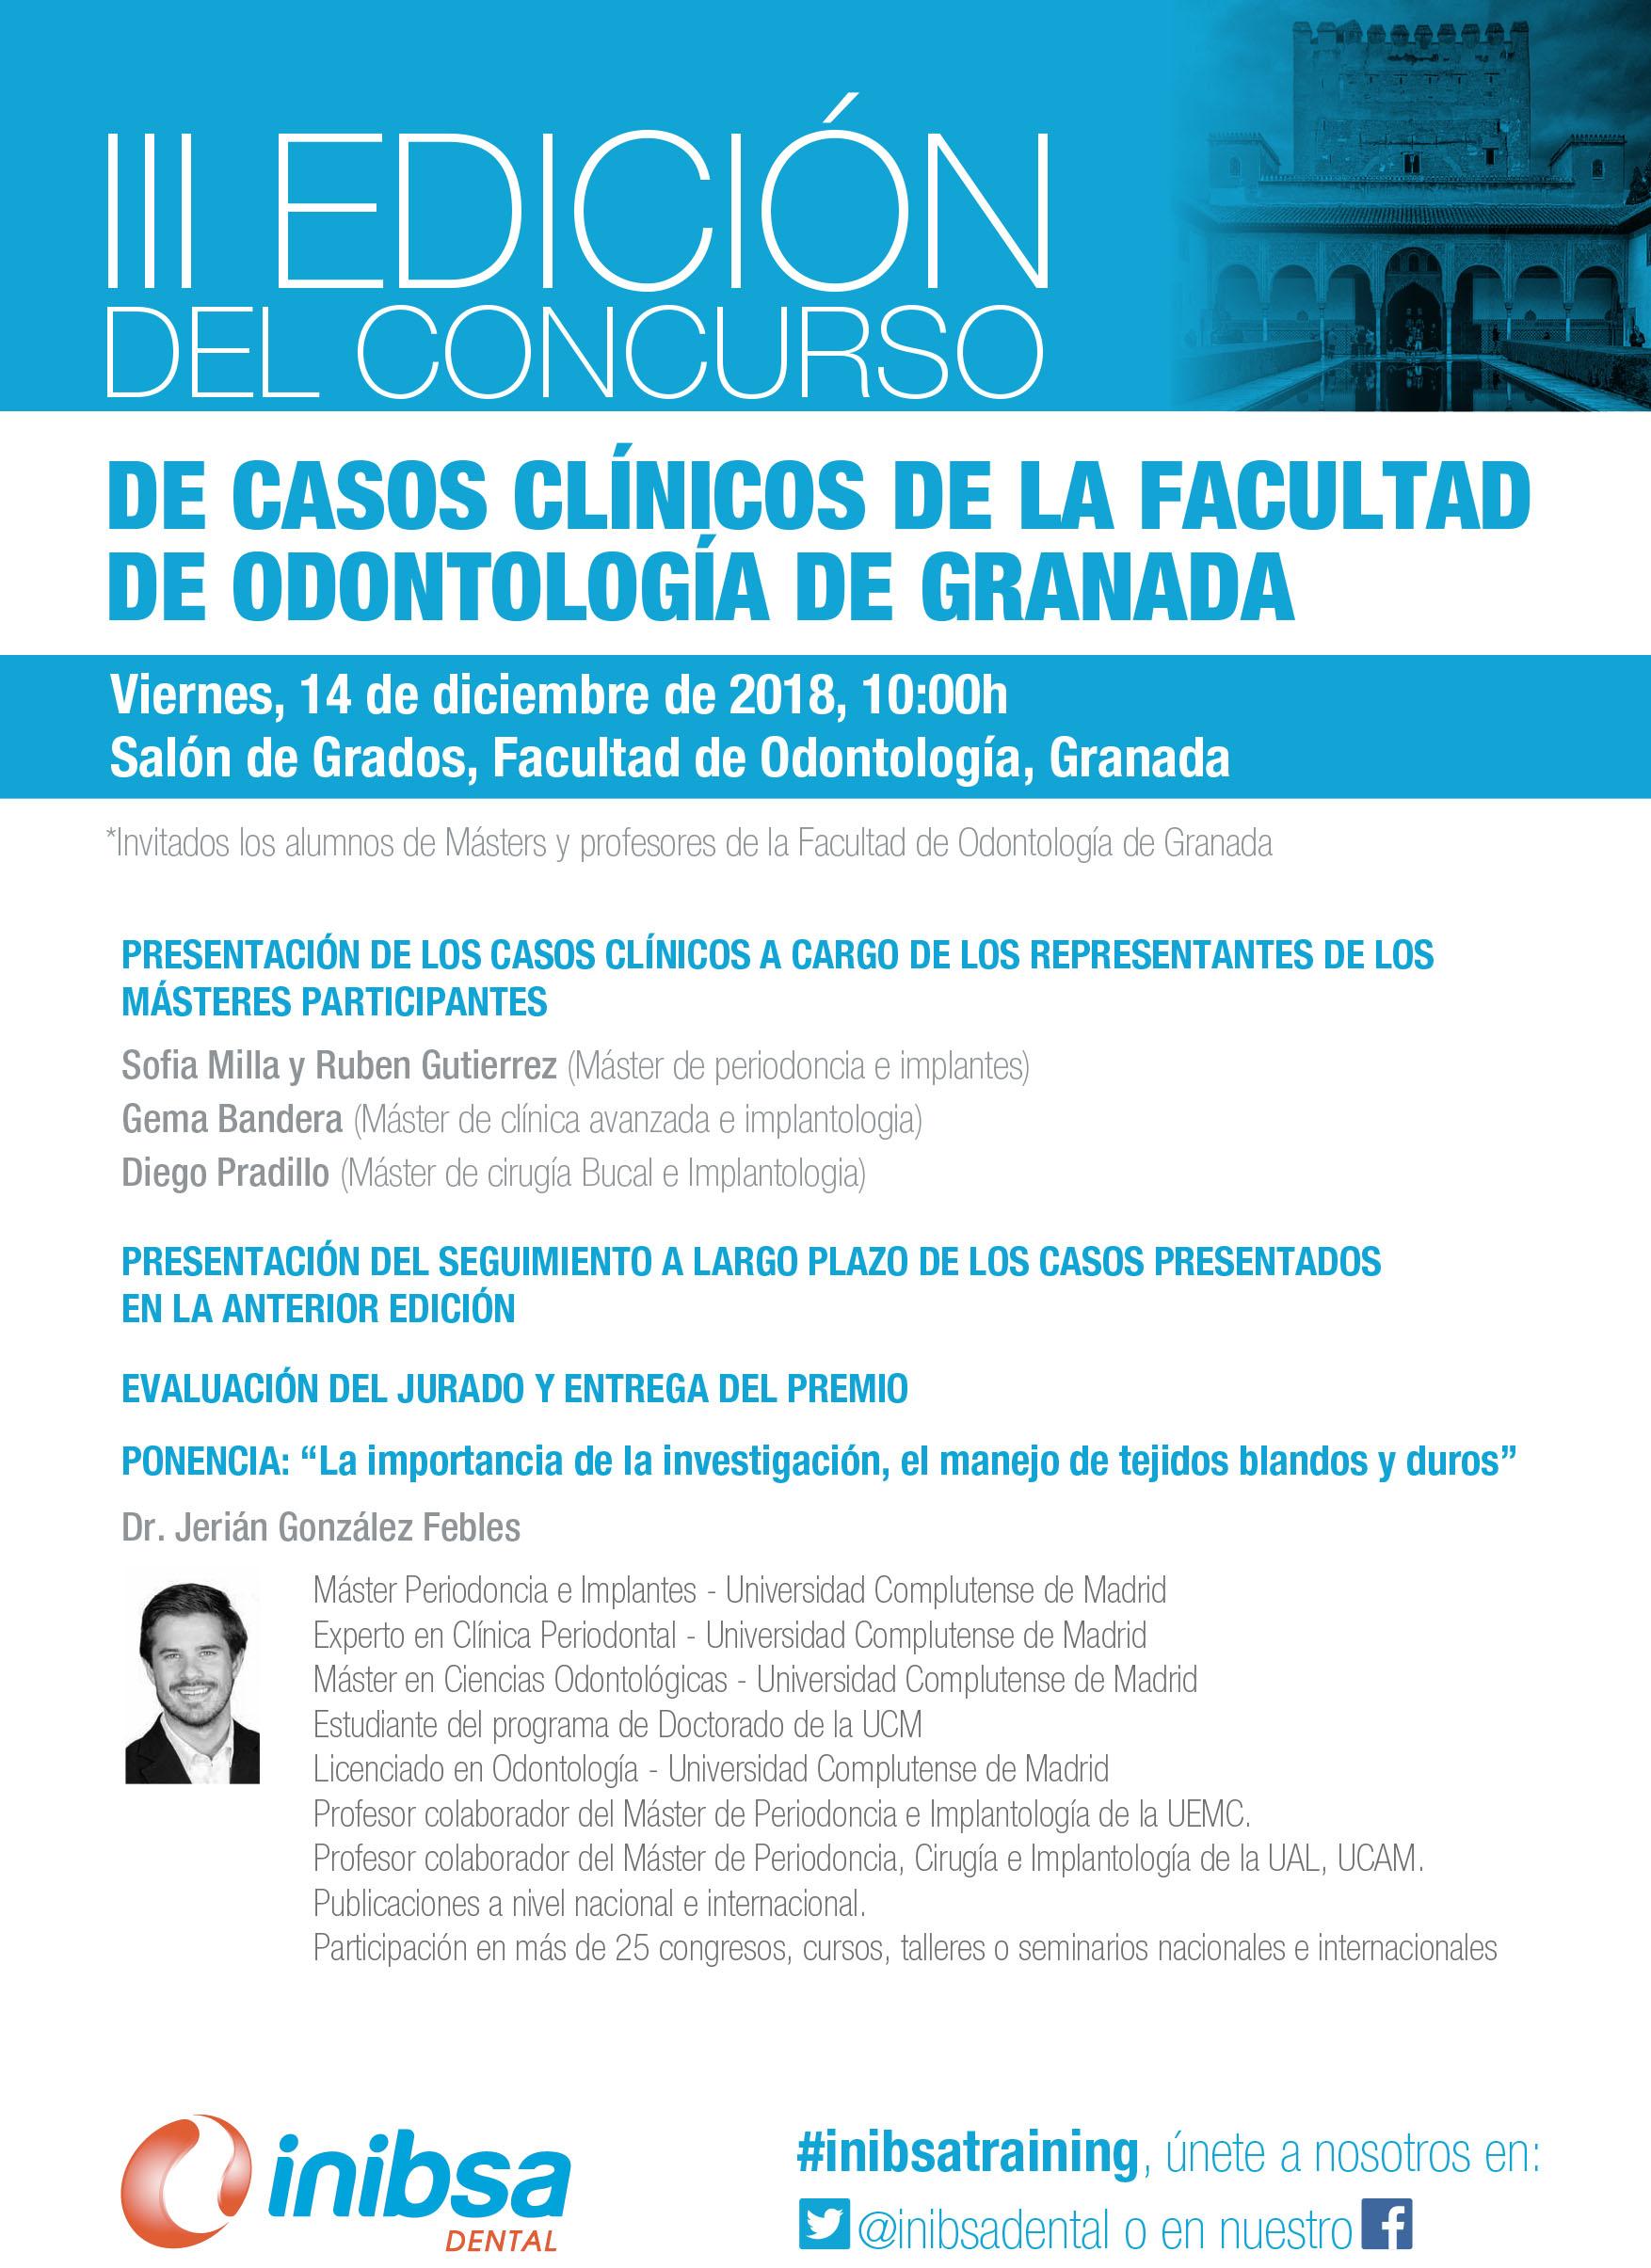 III edición del Concurso de casos clínicos de la facultad de odontología de Granada